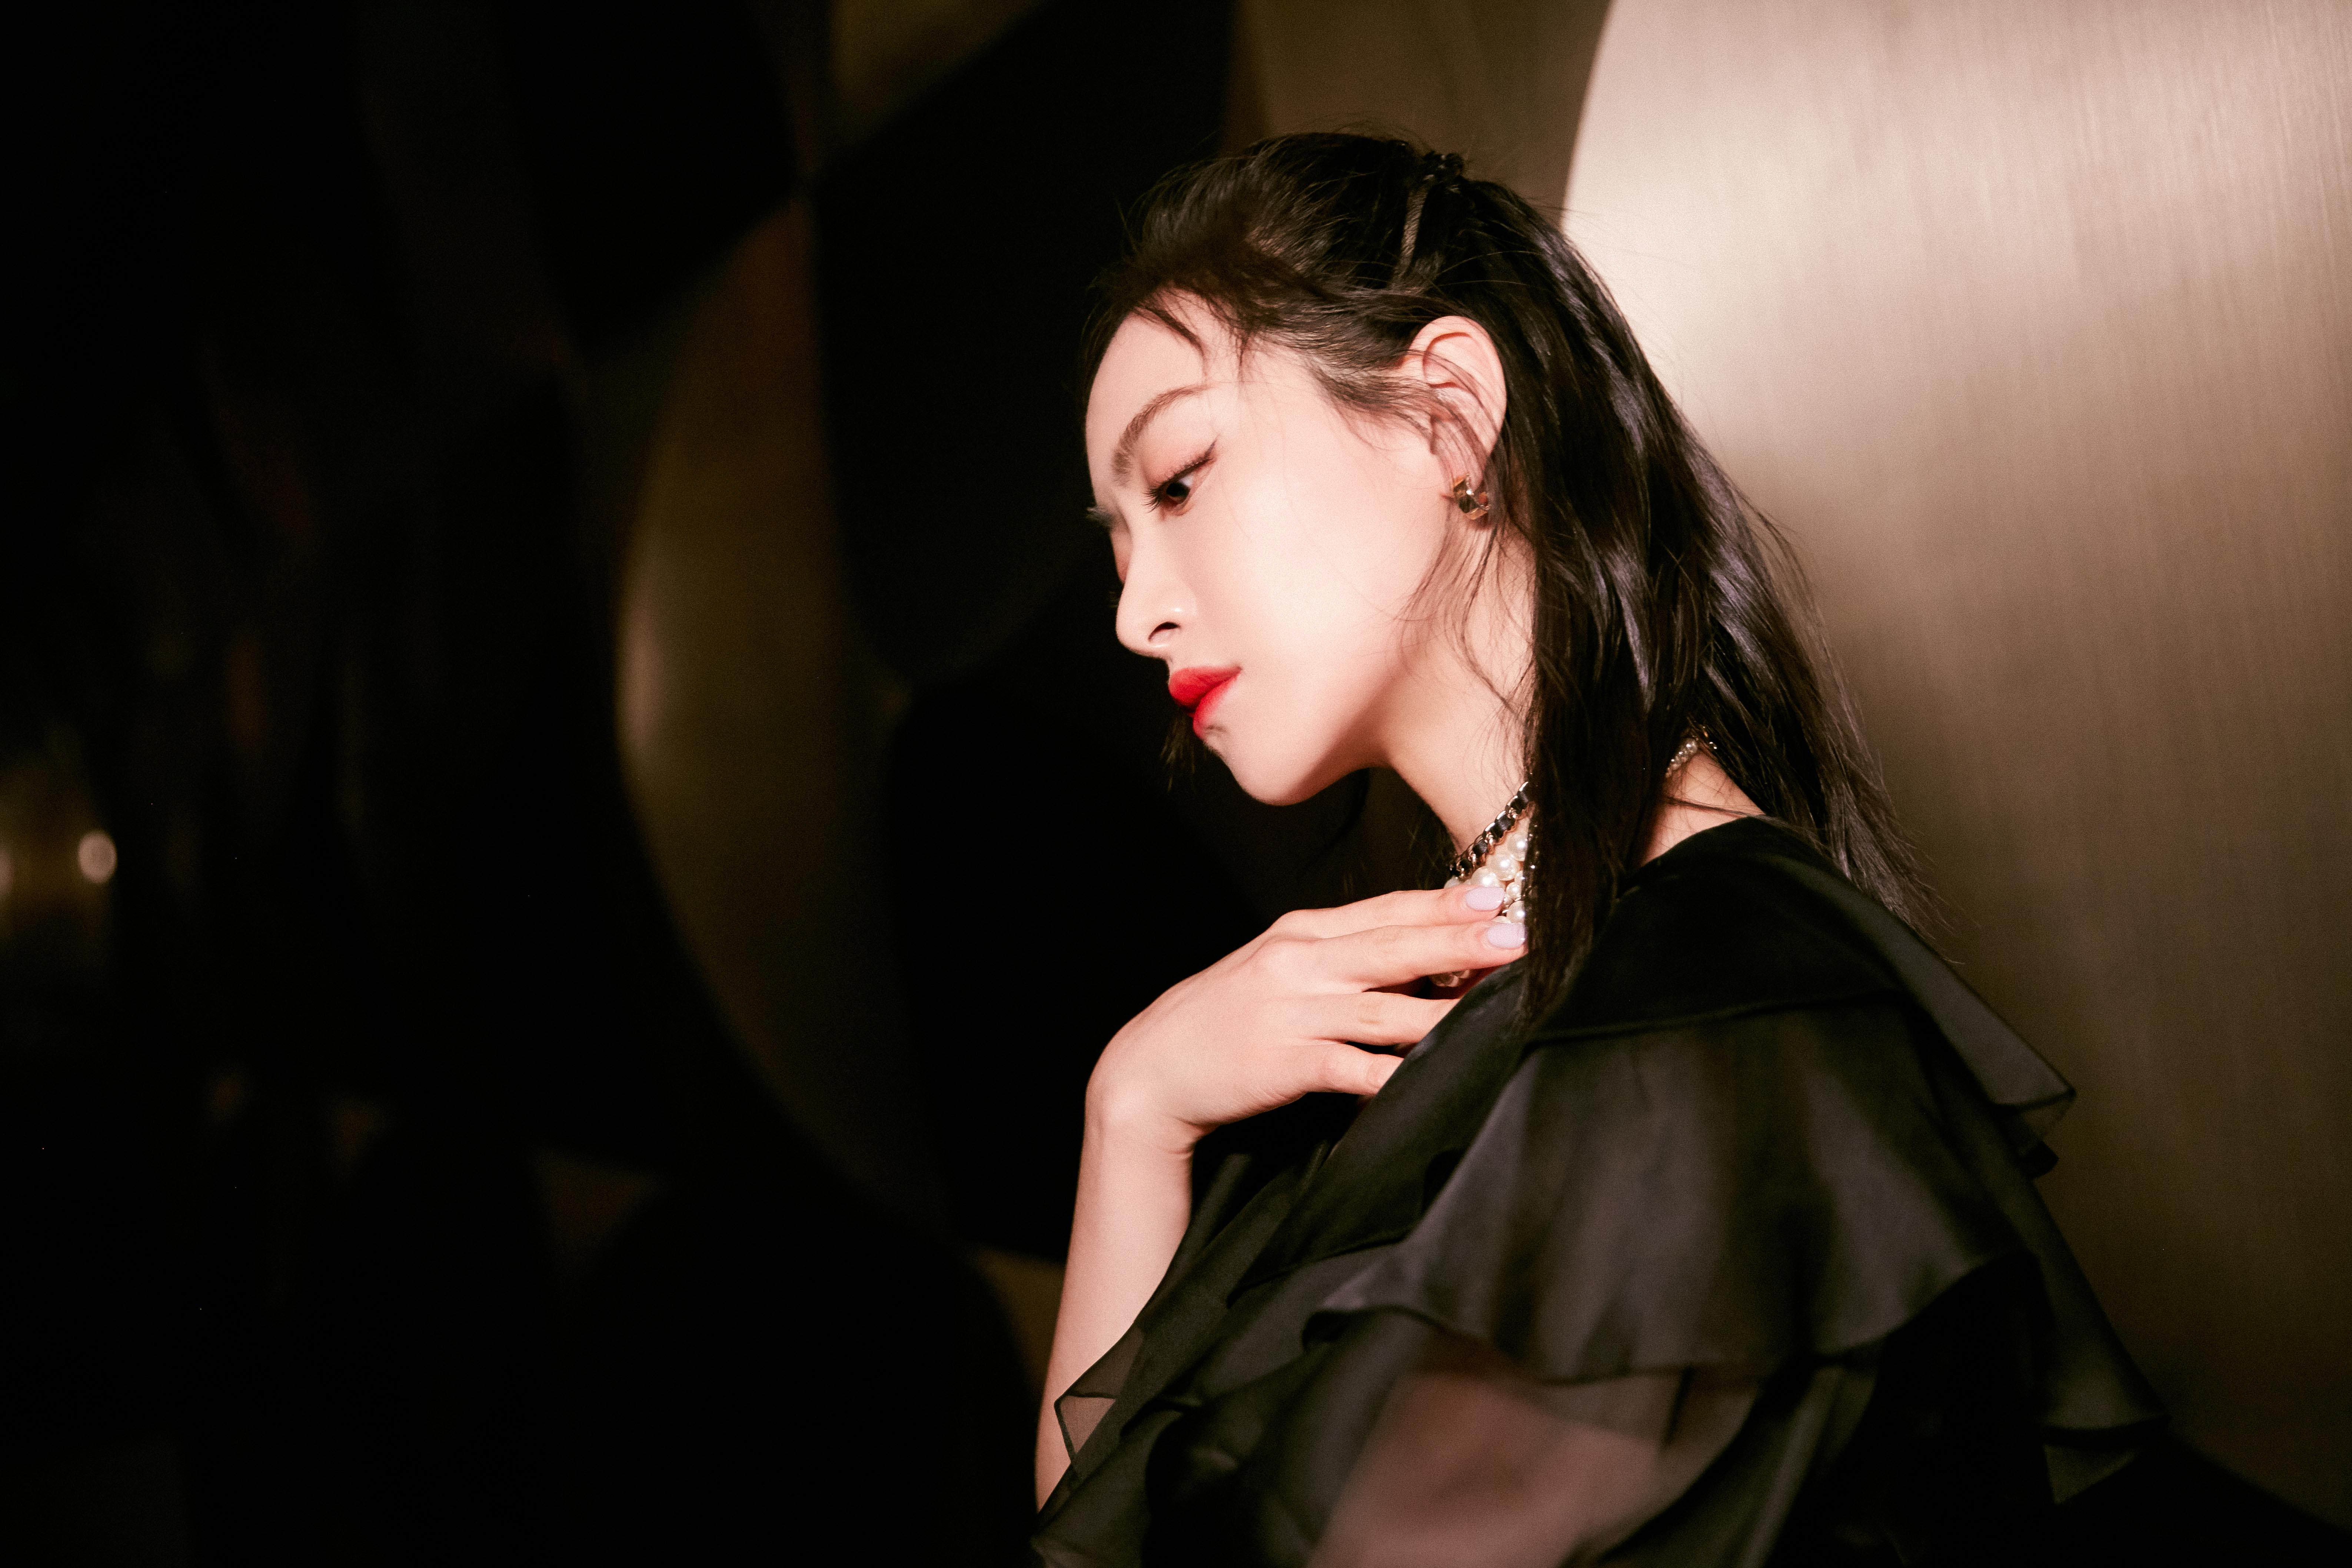 宋茜出席湖南卫视五四晚会 演唱《下一站是幸福》